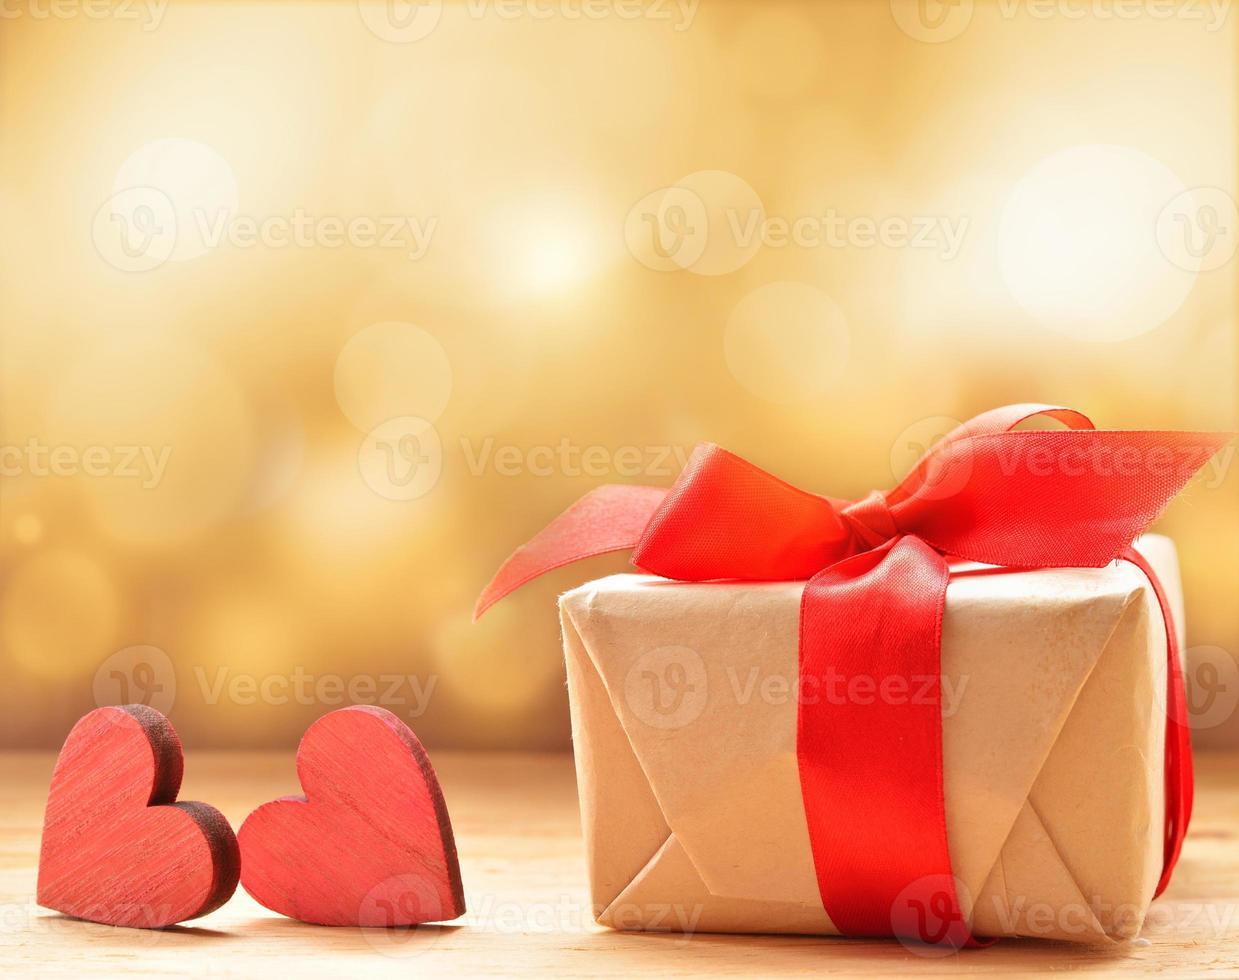 presente do dia dos namorados com corações vermelhos de madeira foto